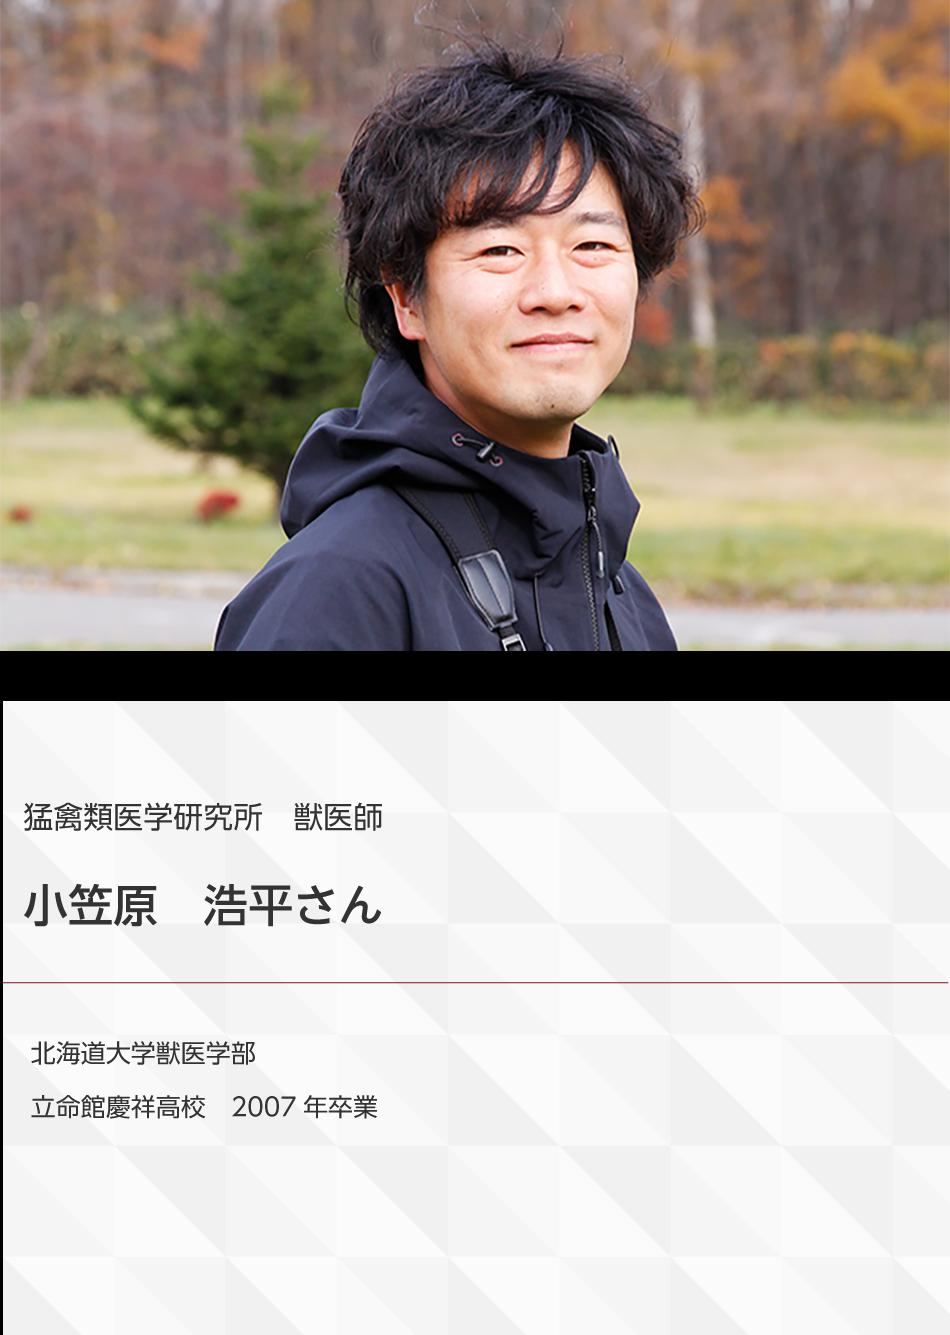 獣医師 小笠原浩平さん